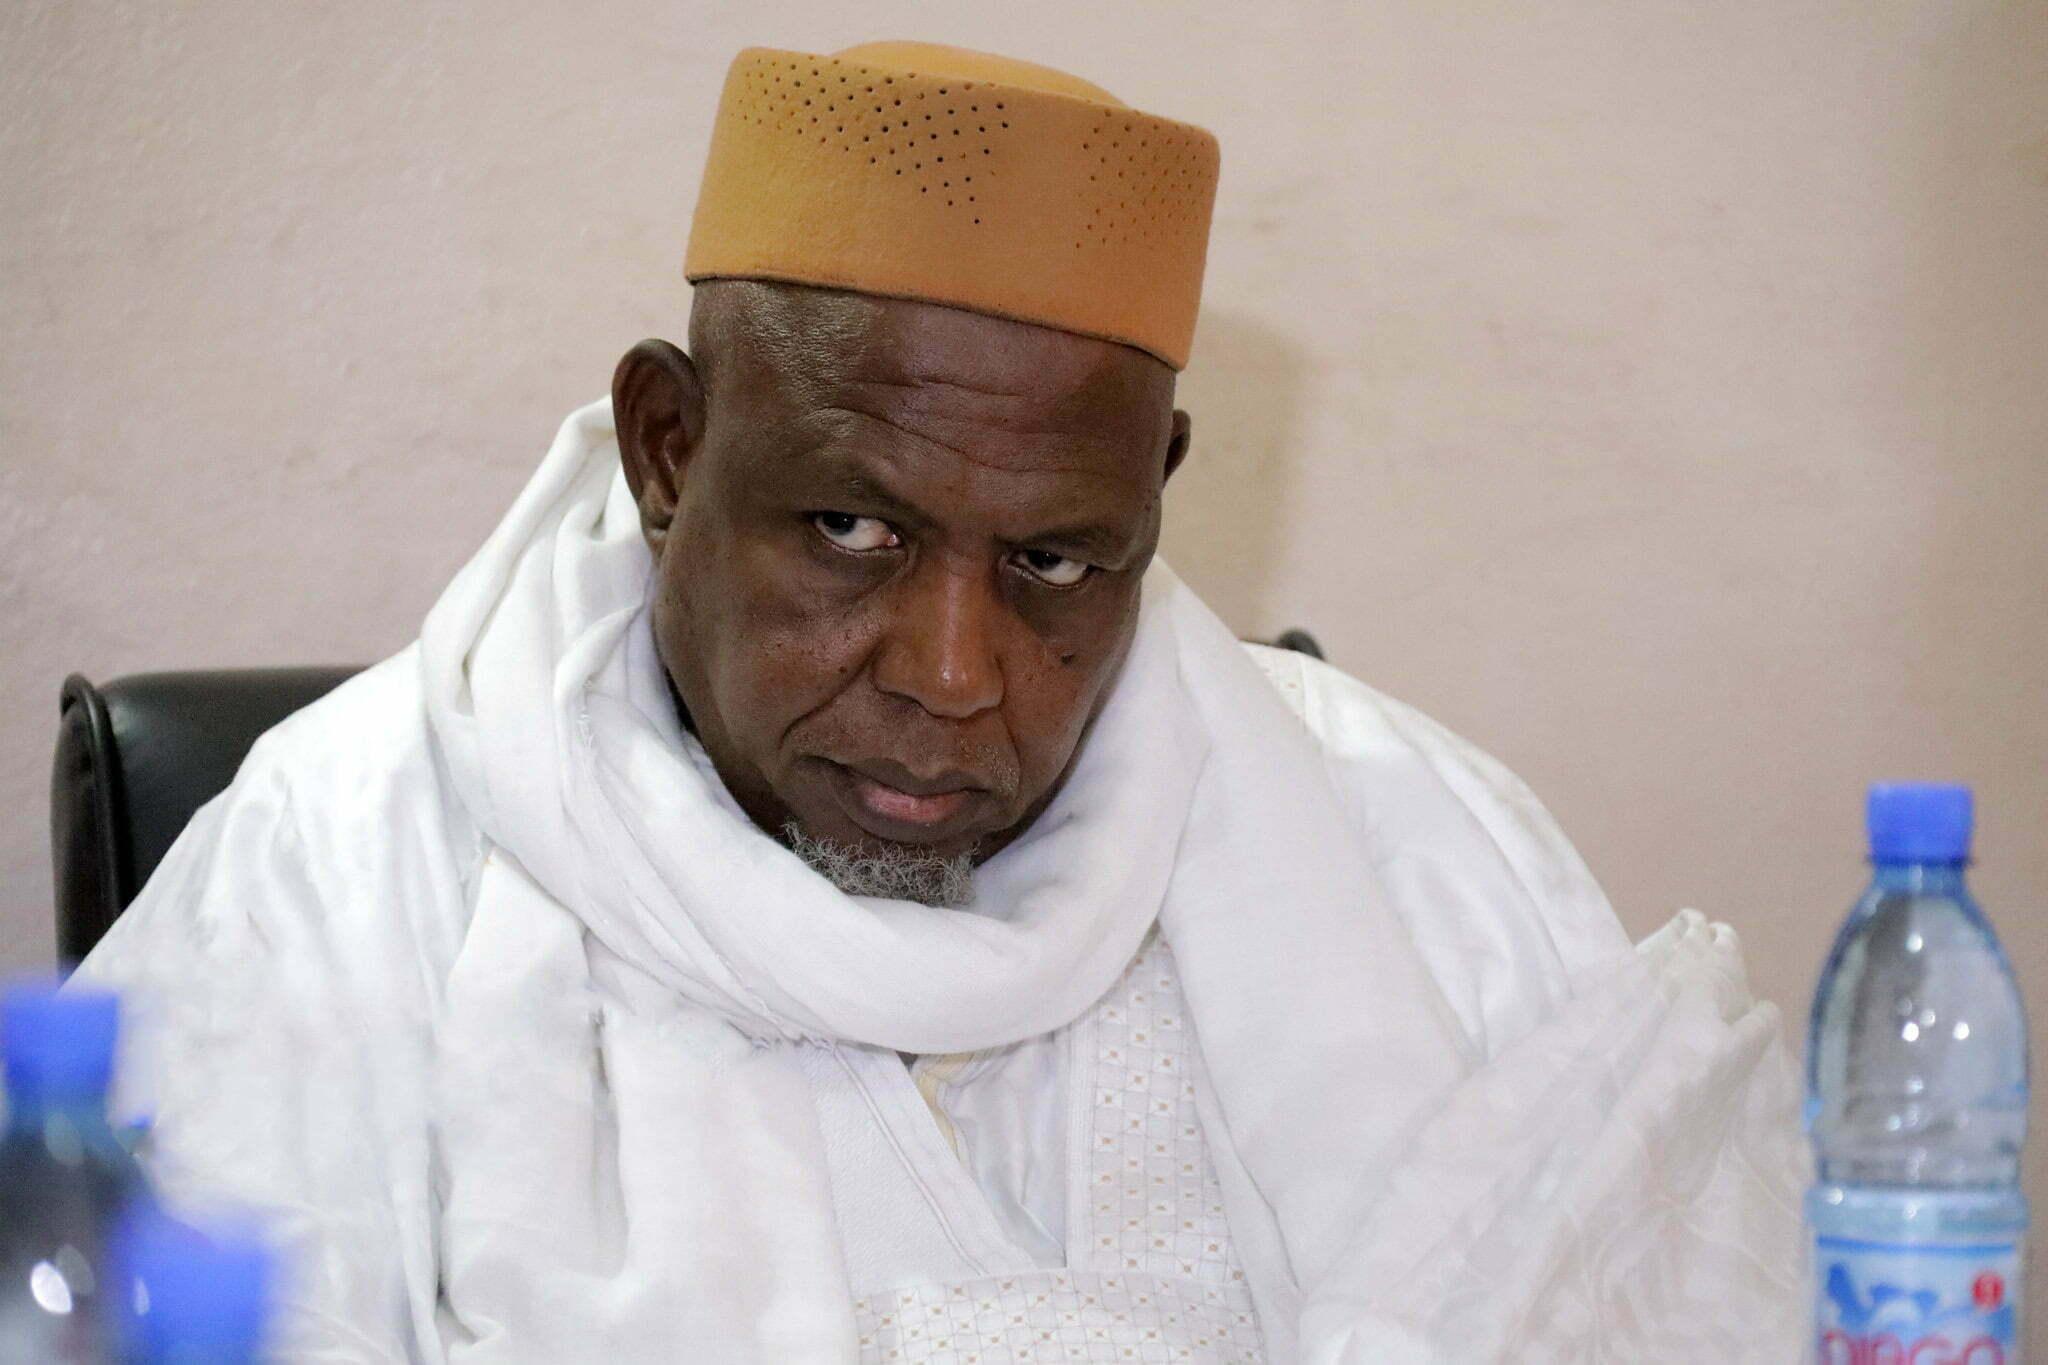 [Tribune] Situation au Mali: Éclosion d'une élite afro musulmane ?